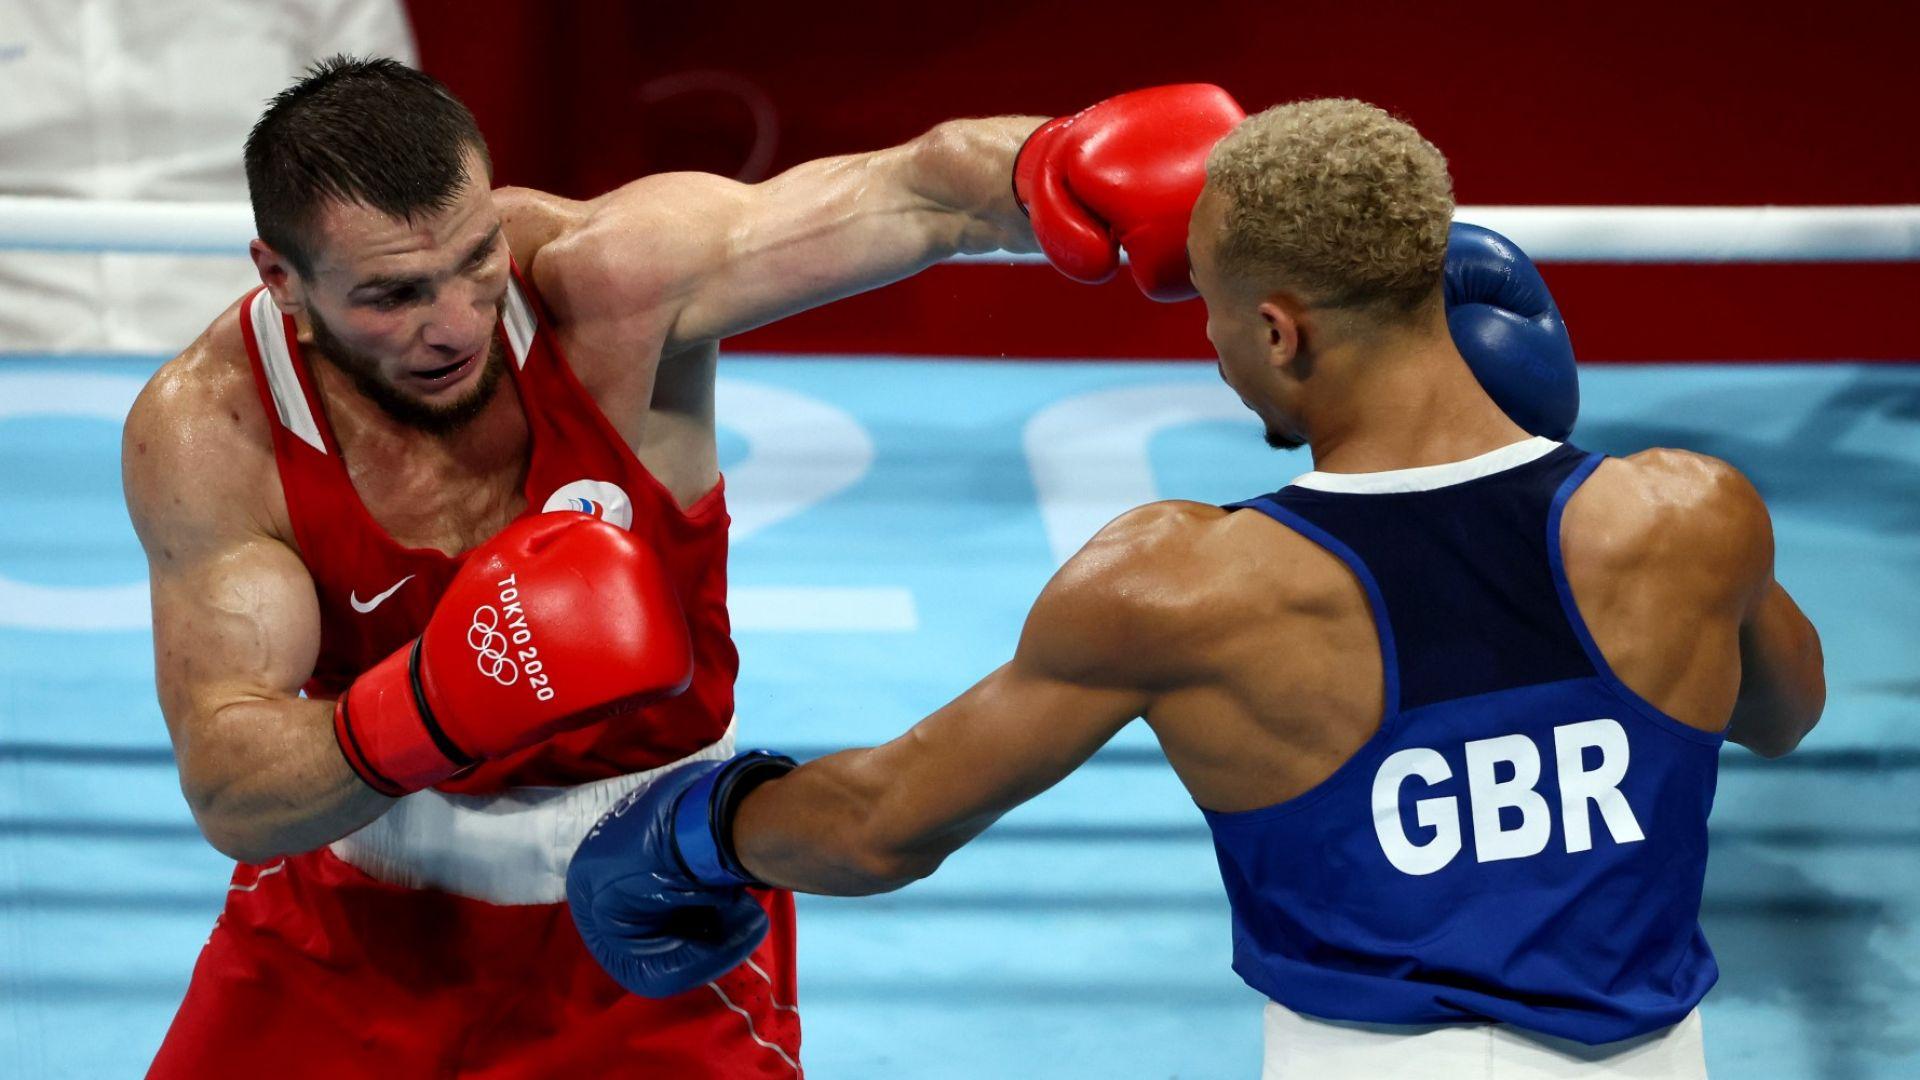 Чеченският лидер Кадиров скочи срещу боксови съдии на Олимпиадата